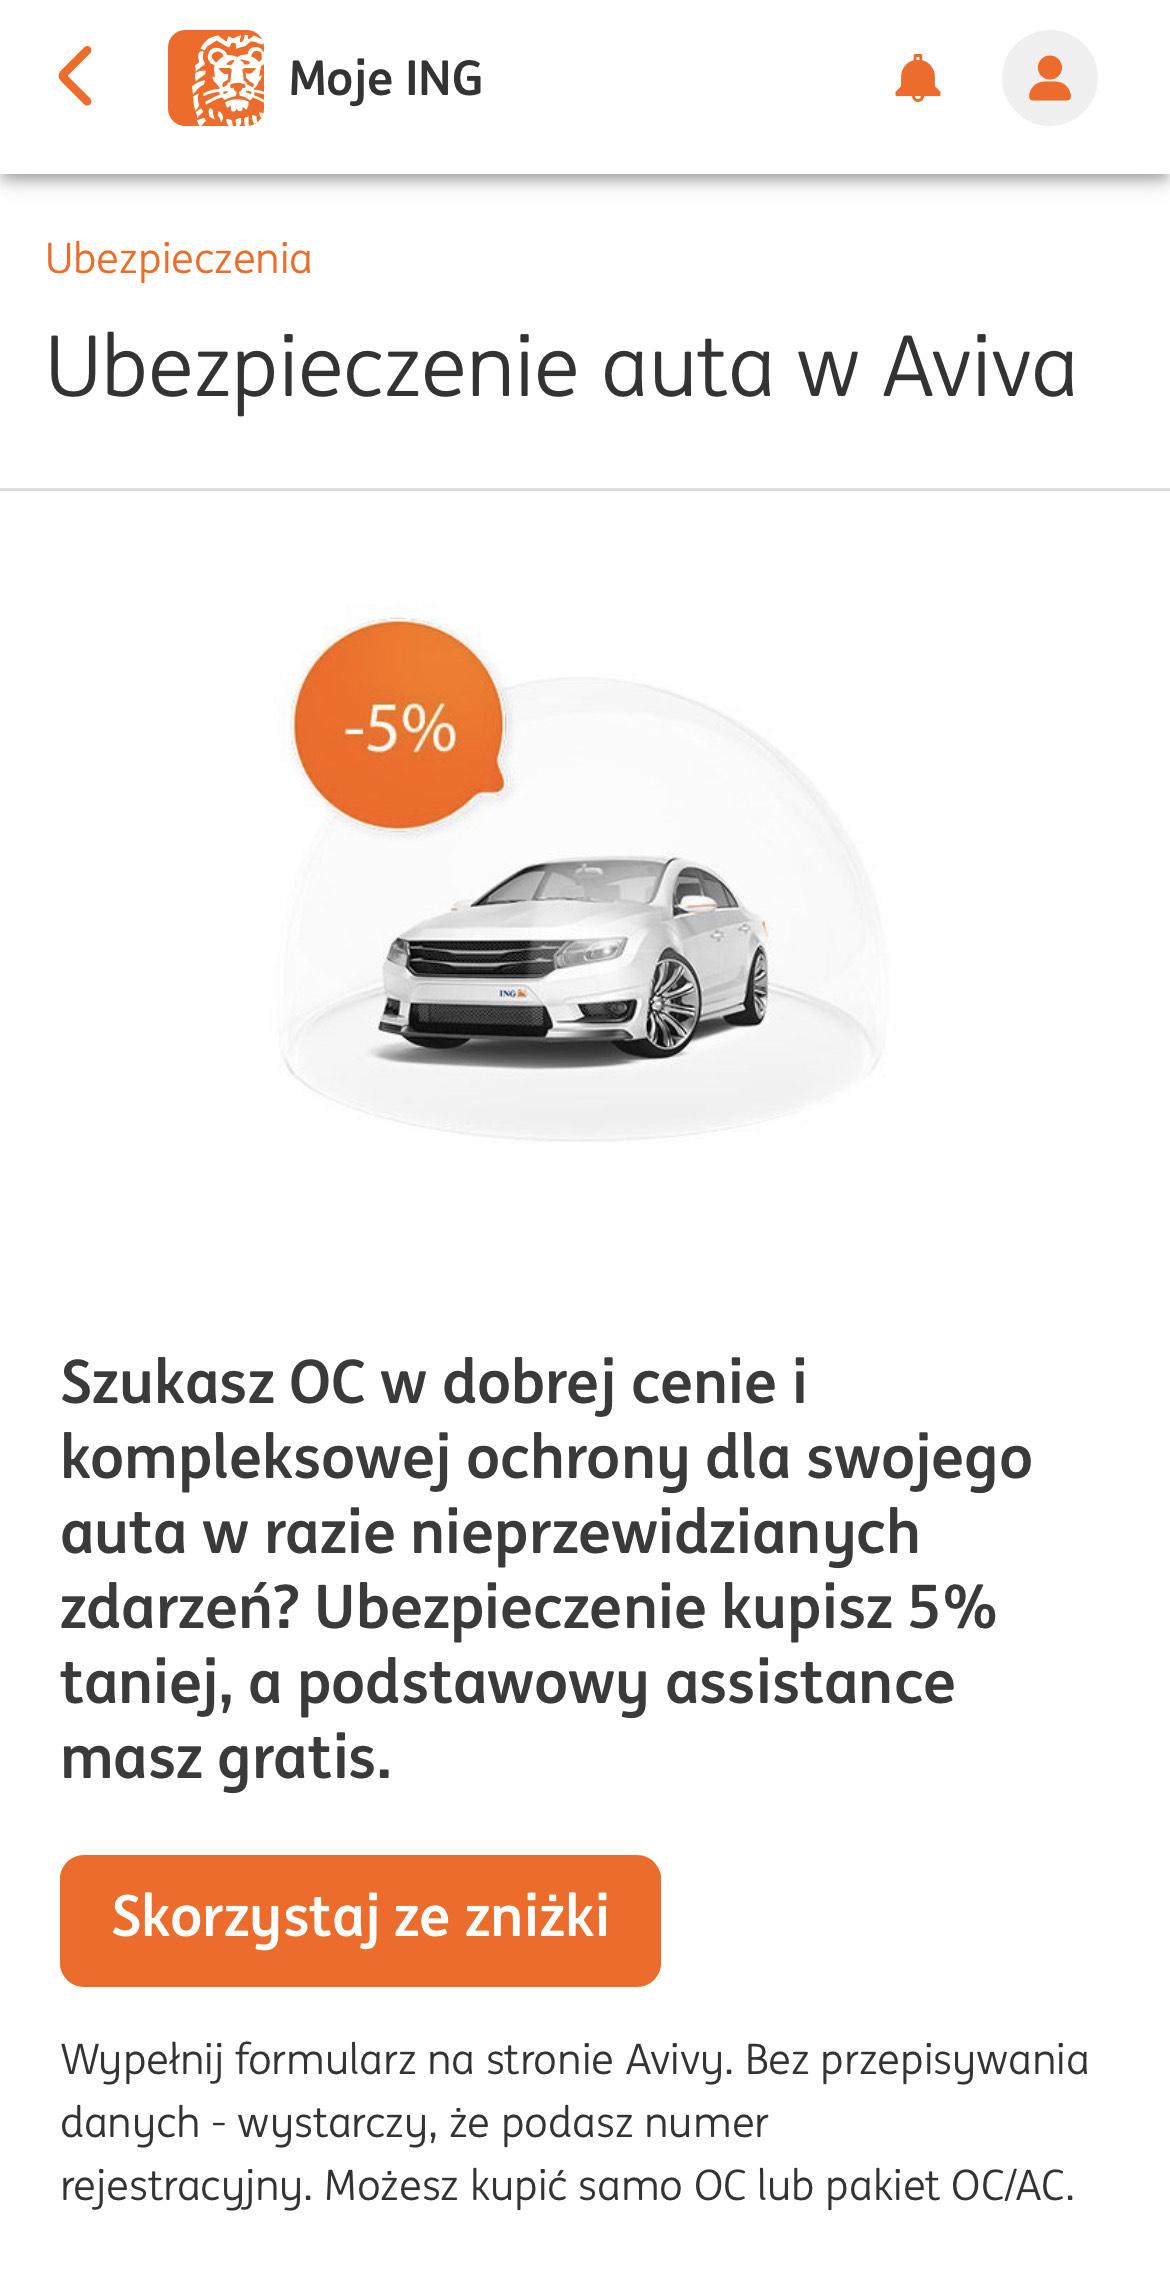 Aviva 5% zniżki na ubezpieczenie samochodu w aplikacji Moje ING